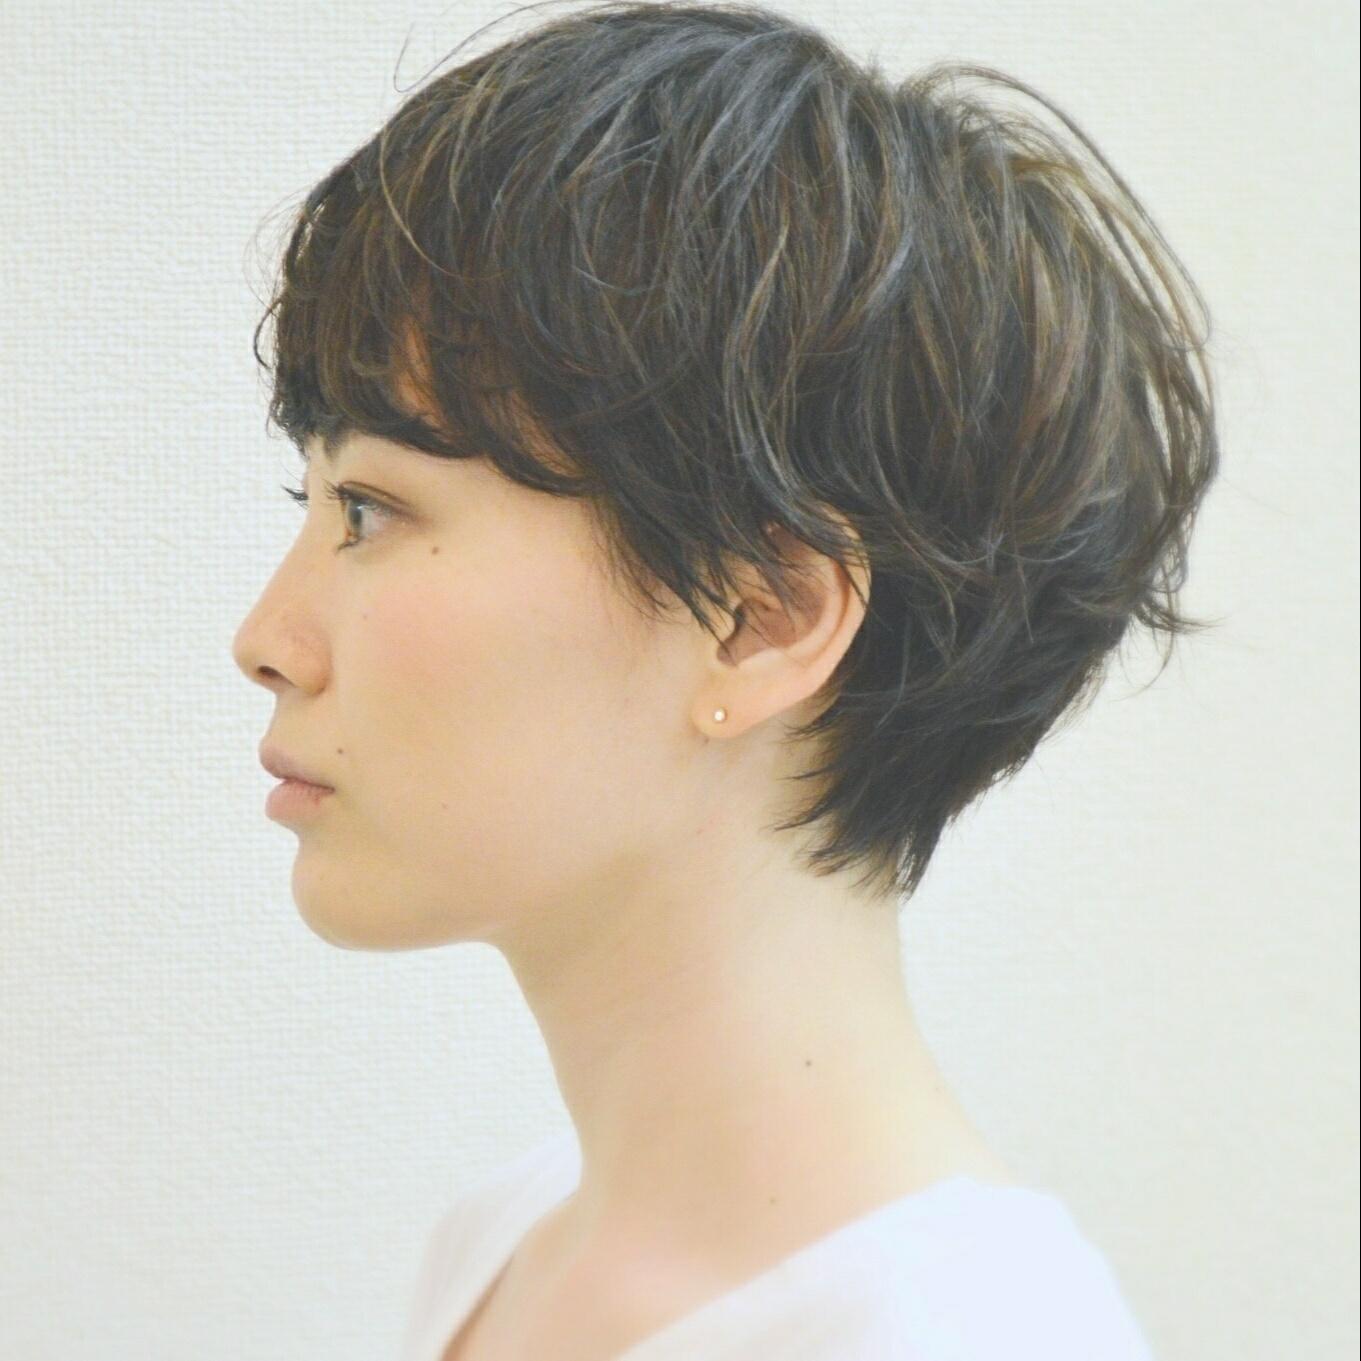 髪型 襟足長め 女